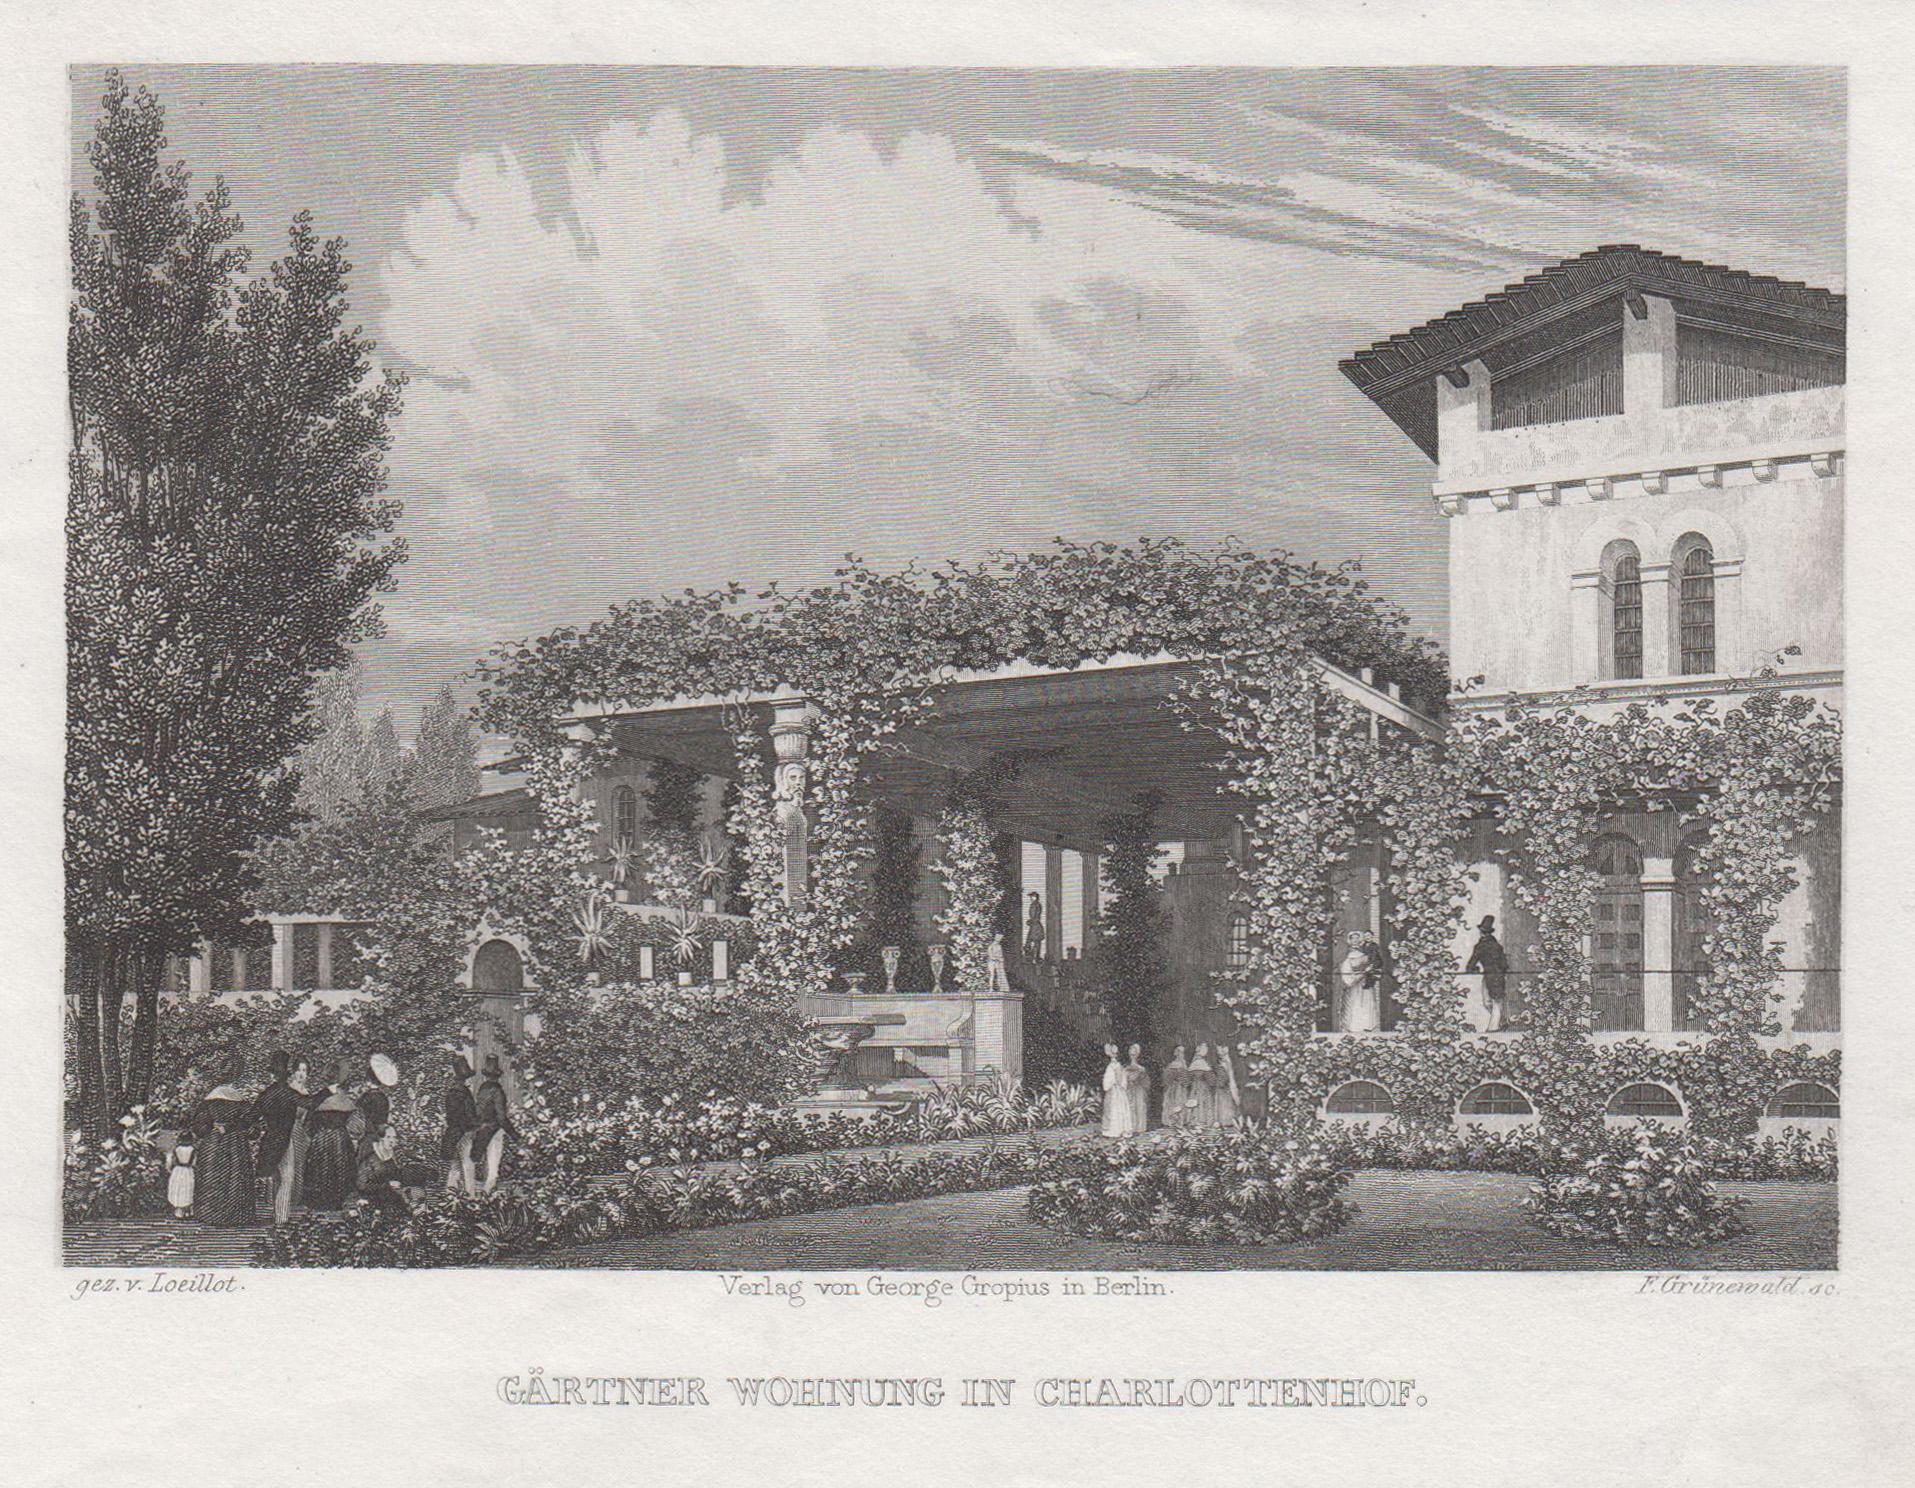 """Römische Bäder im Park Charlottenhof, """"Gärtner Wohnung: Potsdam - Park"""